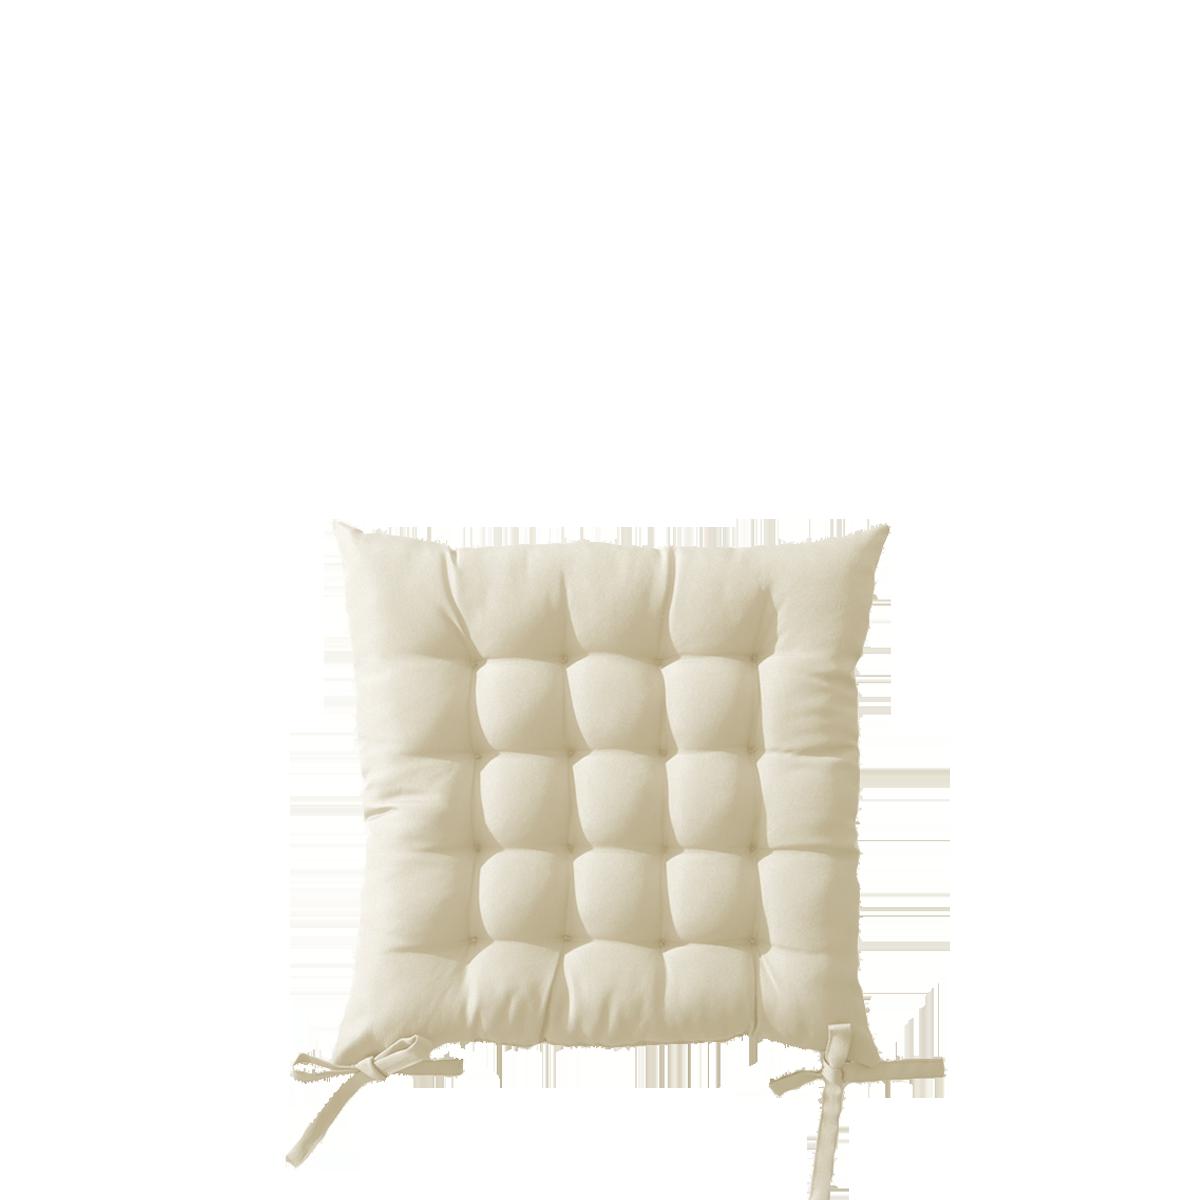 Sitzkissen für Outdoor-Klappstuhl, beige